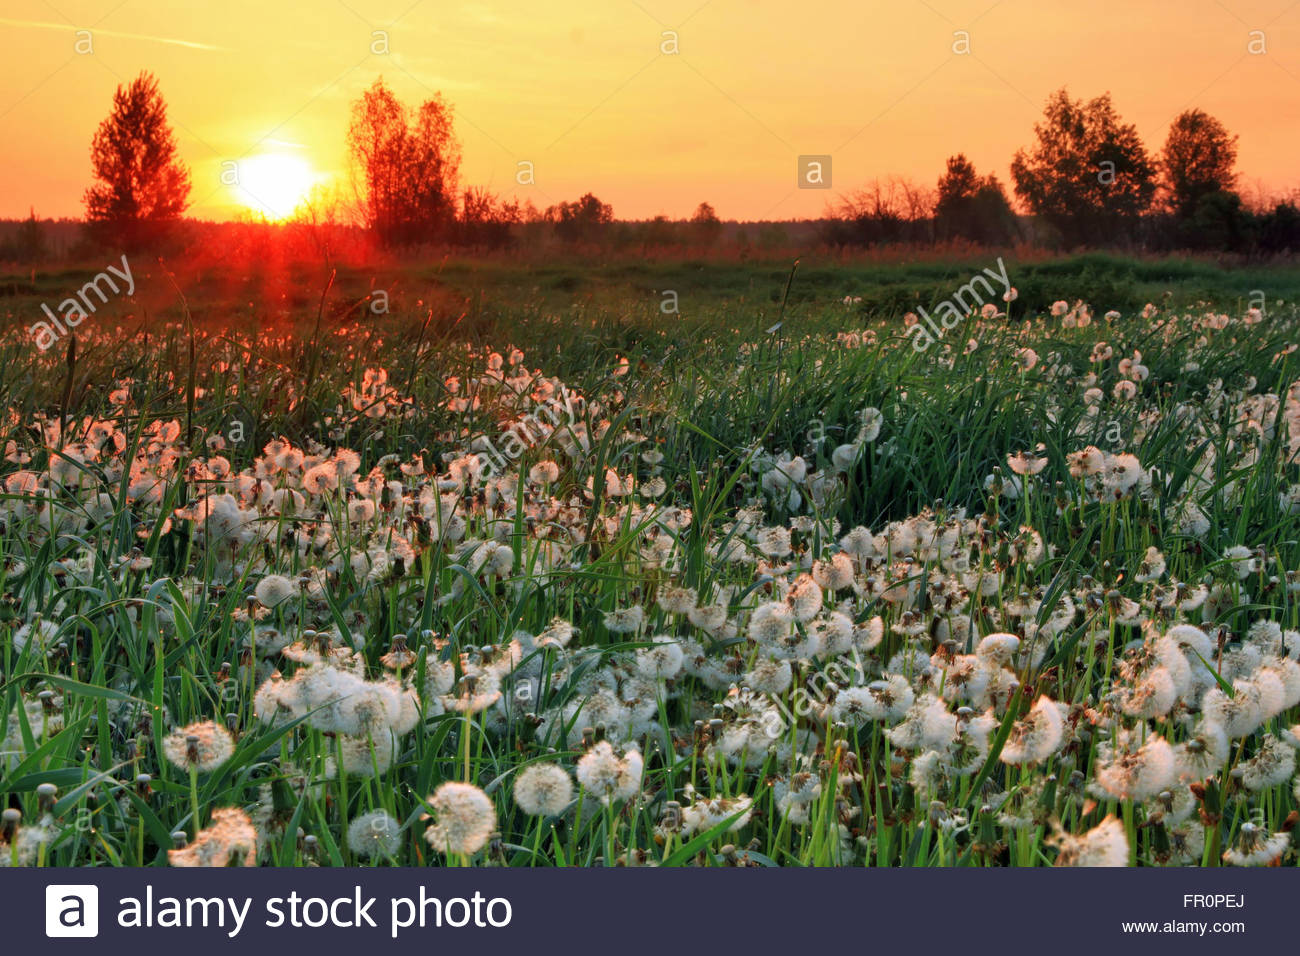 Amanecer en el campo en verano Imagen De Stock